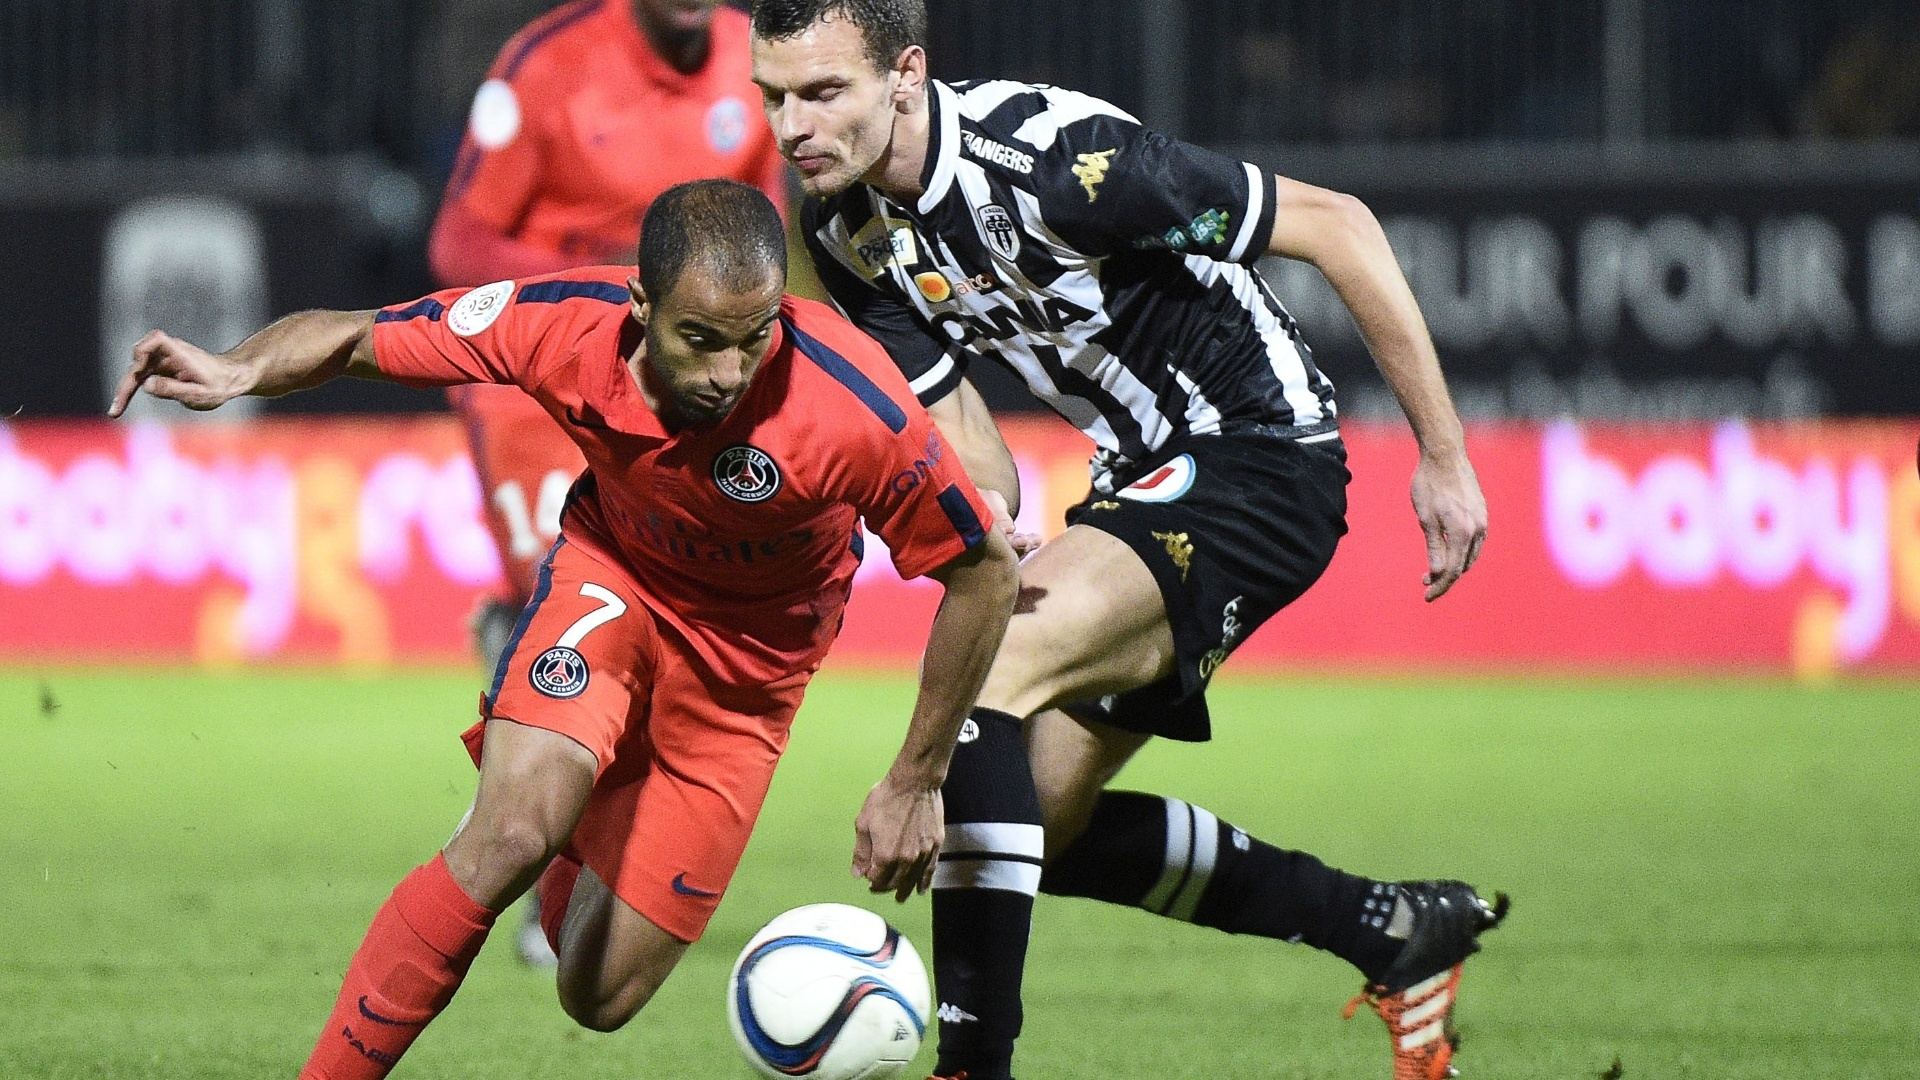 Lucas tenta se livrar da marcação durante confronto entre PSG e Angers